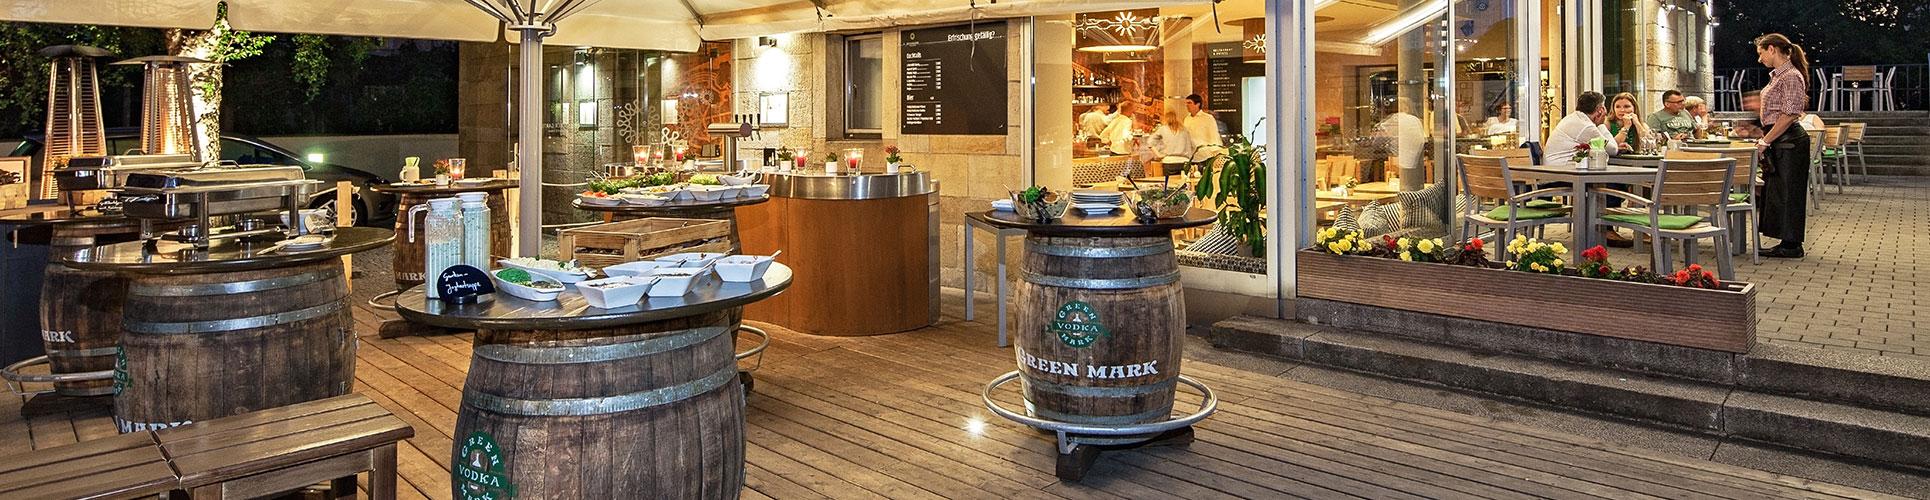 Restaurant Dresden Altstadt Gaststatte Dresden Zentrum